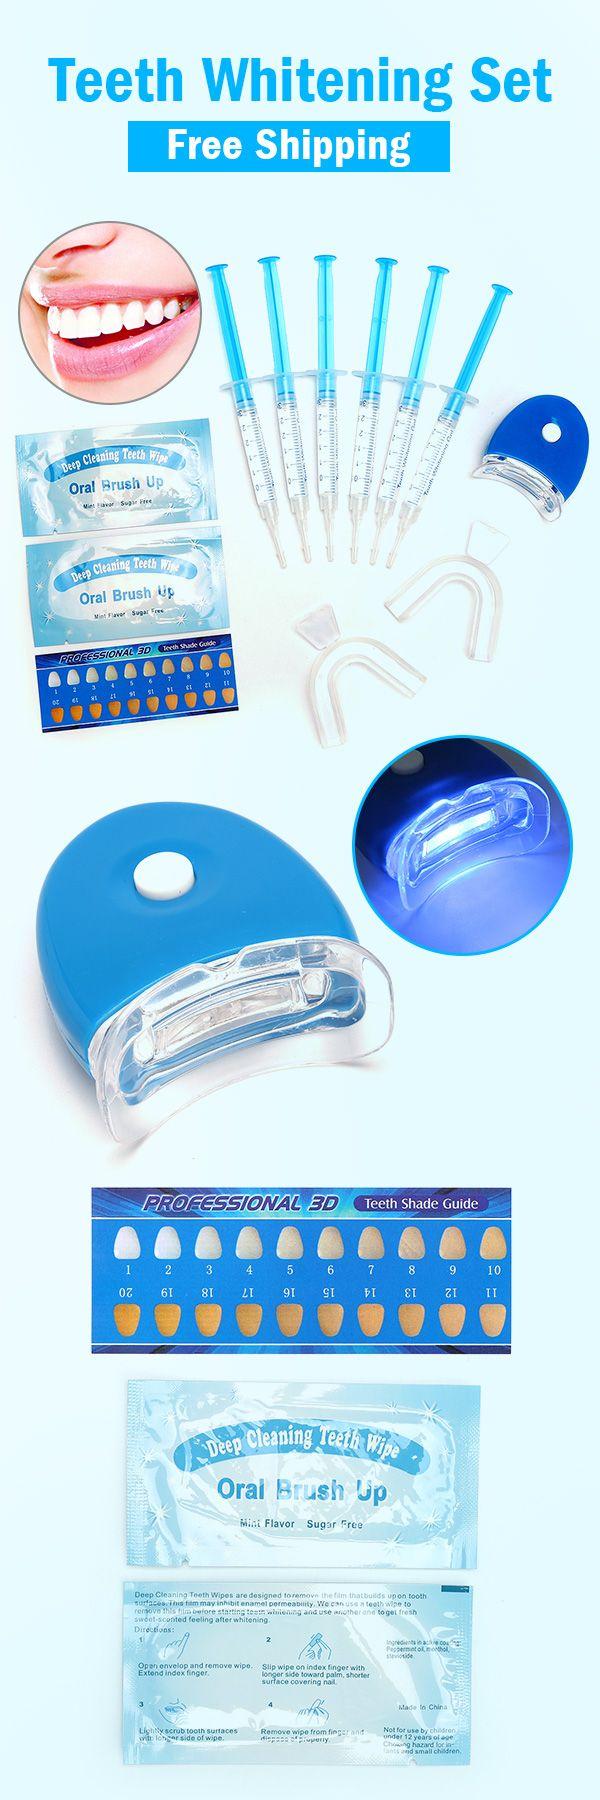 Teeth Whitening Kit Tooth Whitener Bleaching Laser System Oral Gel Dental Care